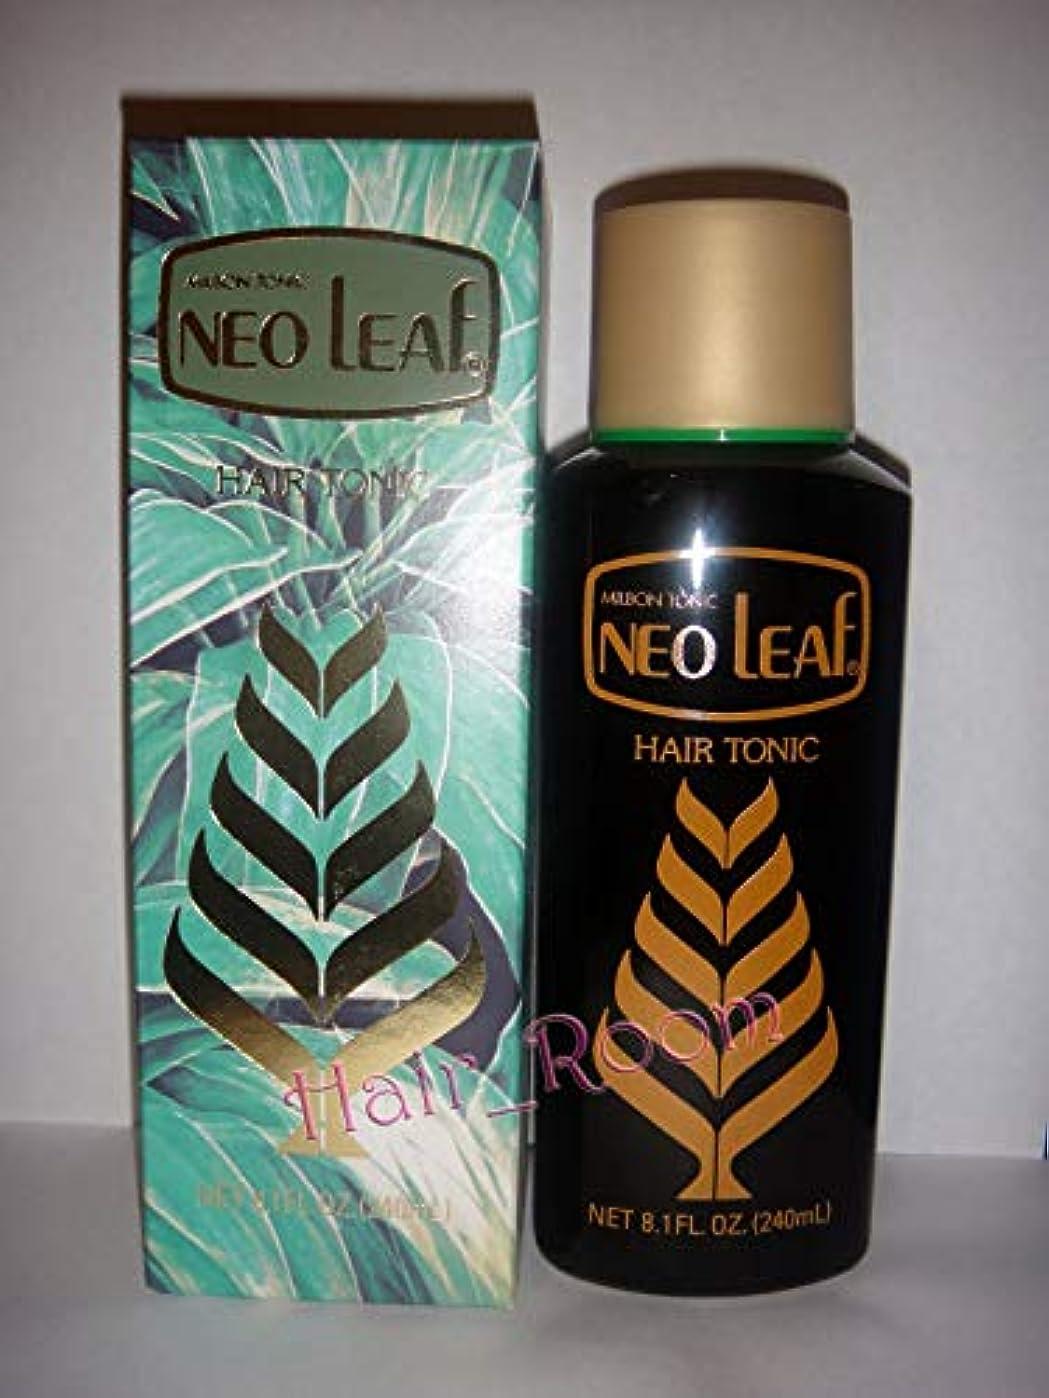 バンド生理昼間Neo Leaf ミルボントニックヘアトニック240ミリリットル日本 - ハーブ抽出成分が毛根に栄養を与えます